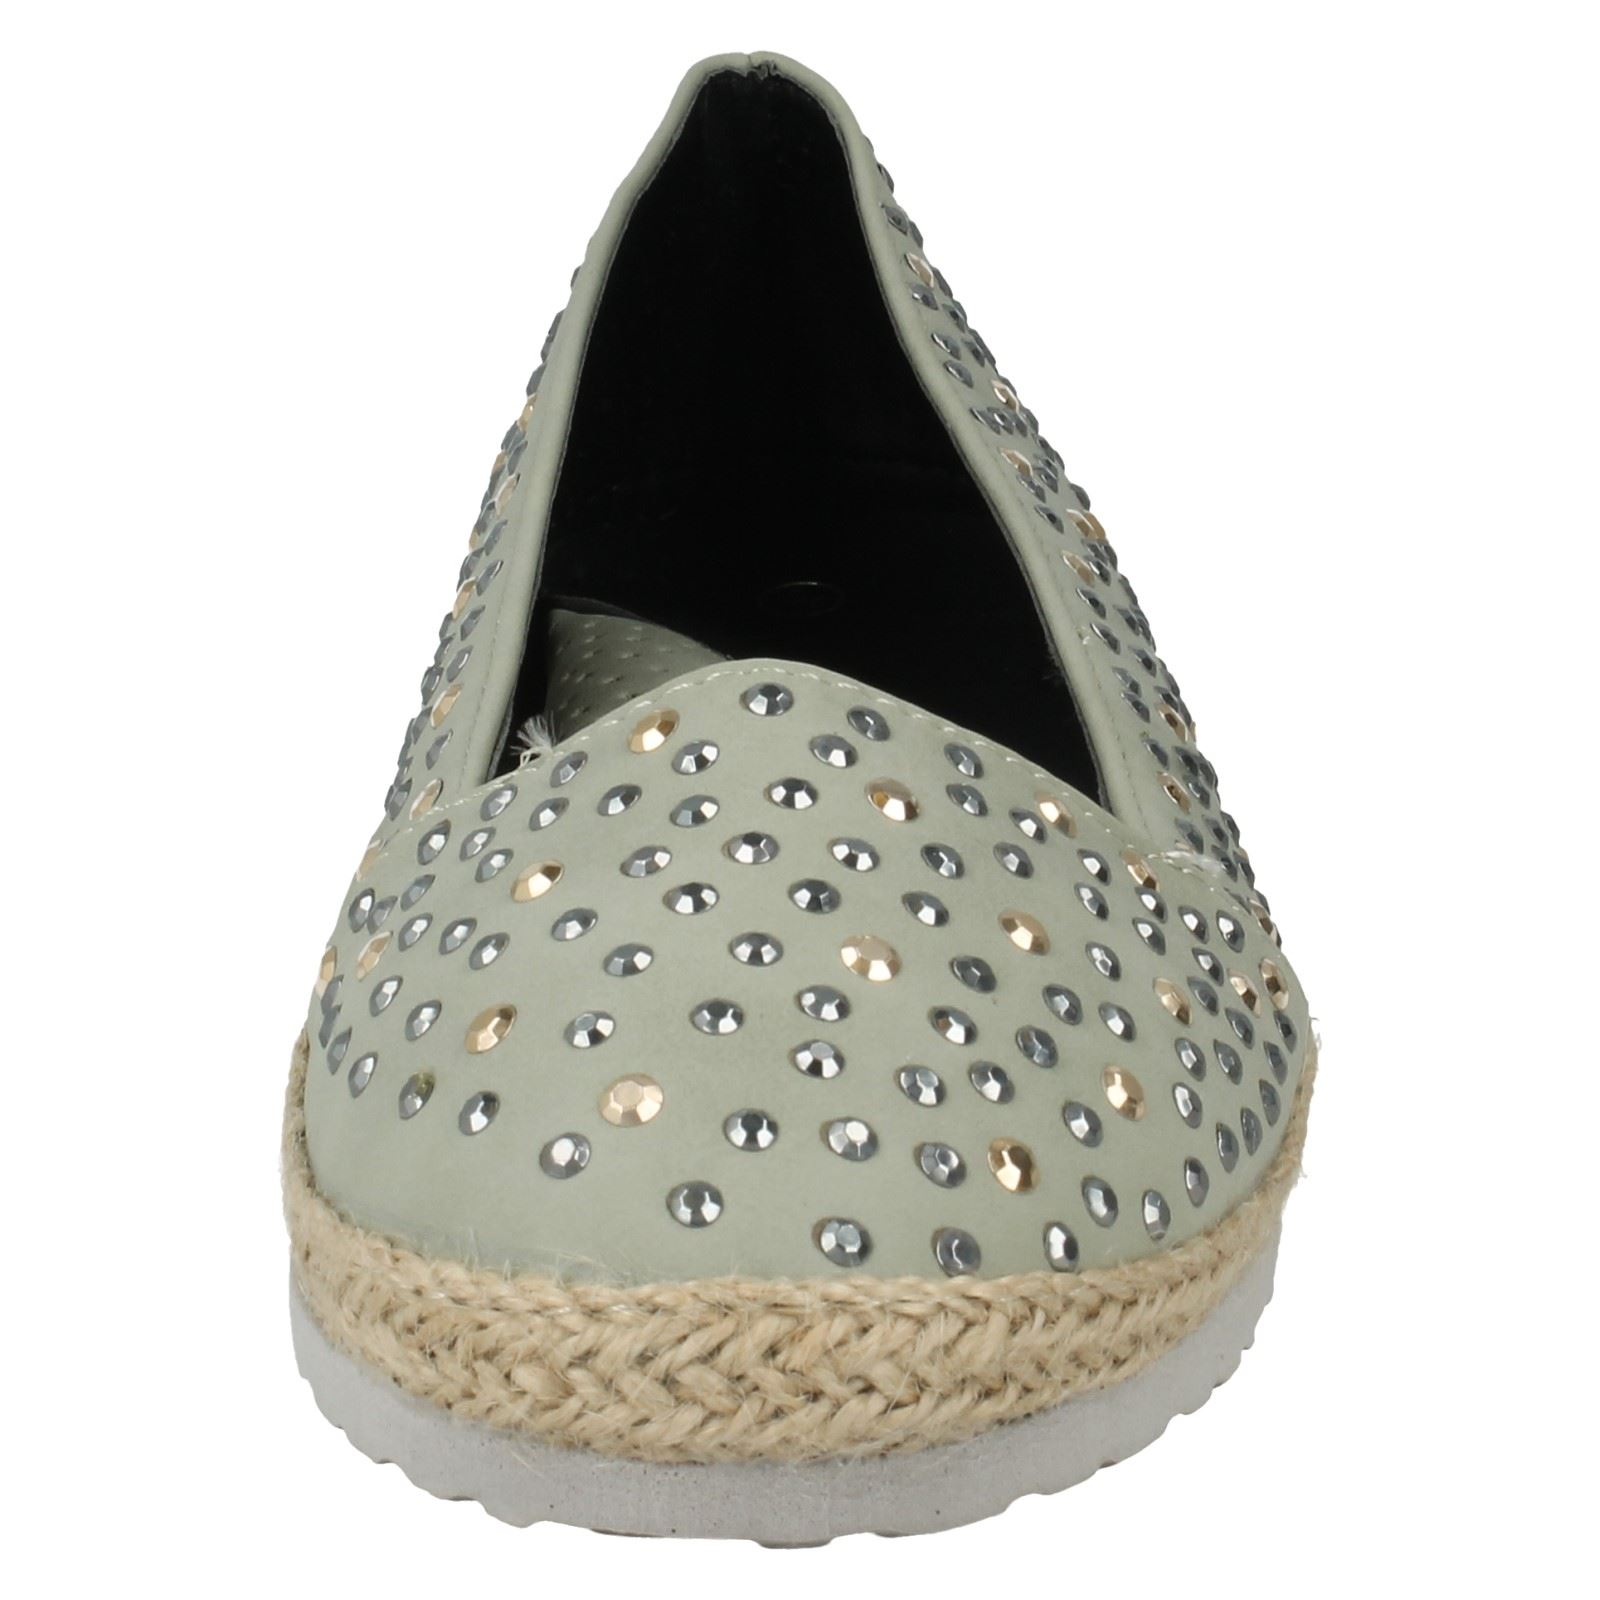 Mancha en verano señoras espadrills Zapatos de salón etiqueta-F8948